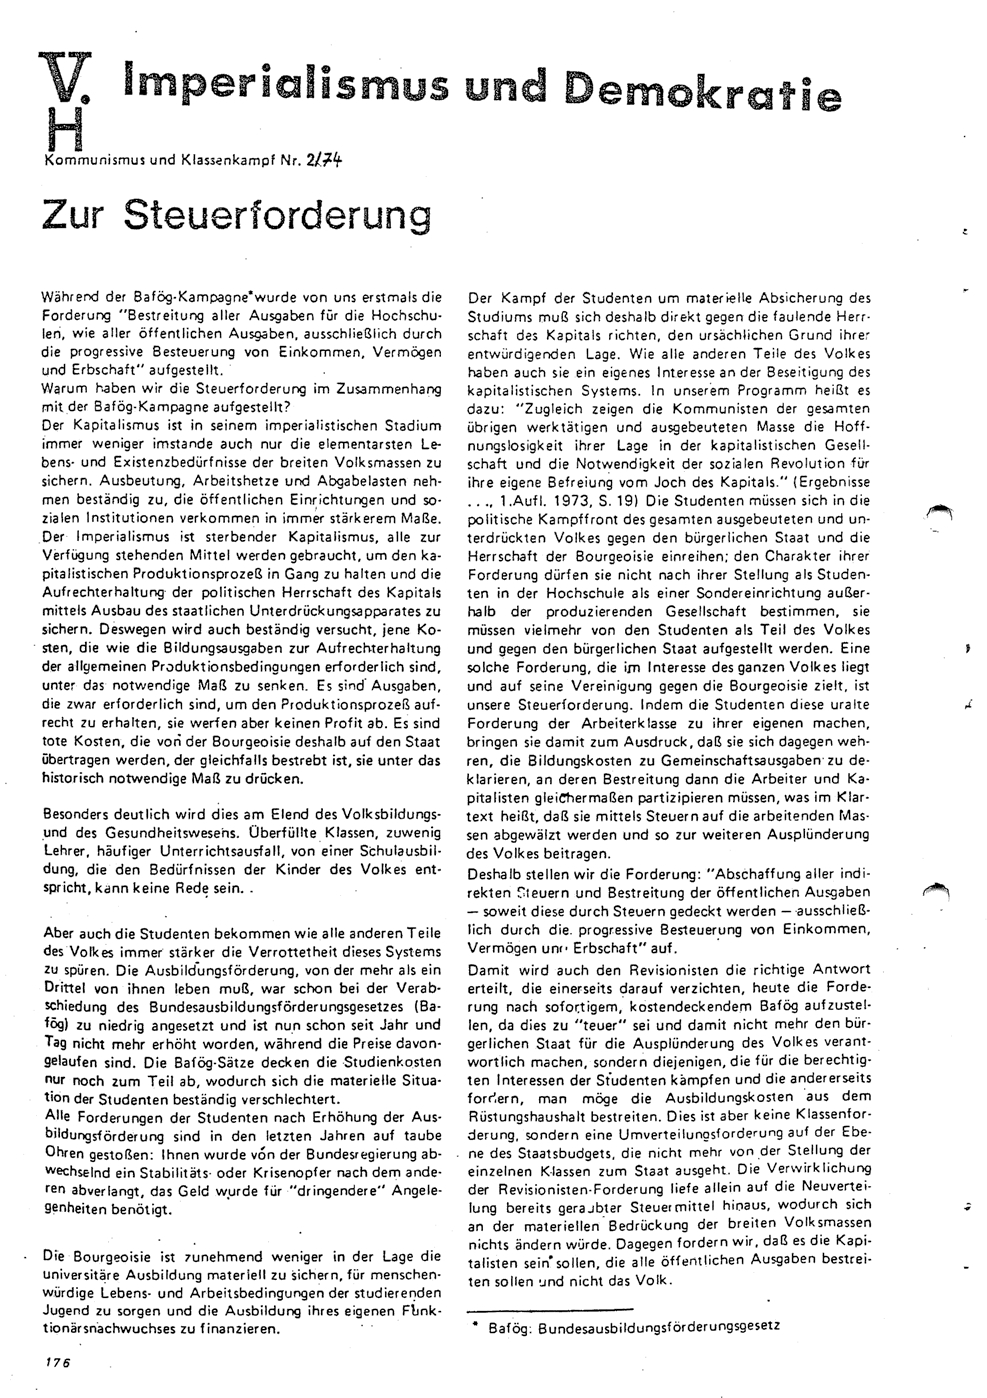 KABRW_Arbeitshefte_1978_31_056